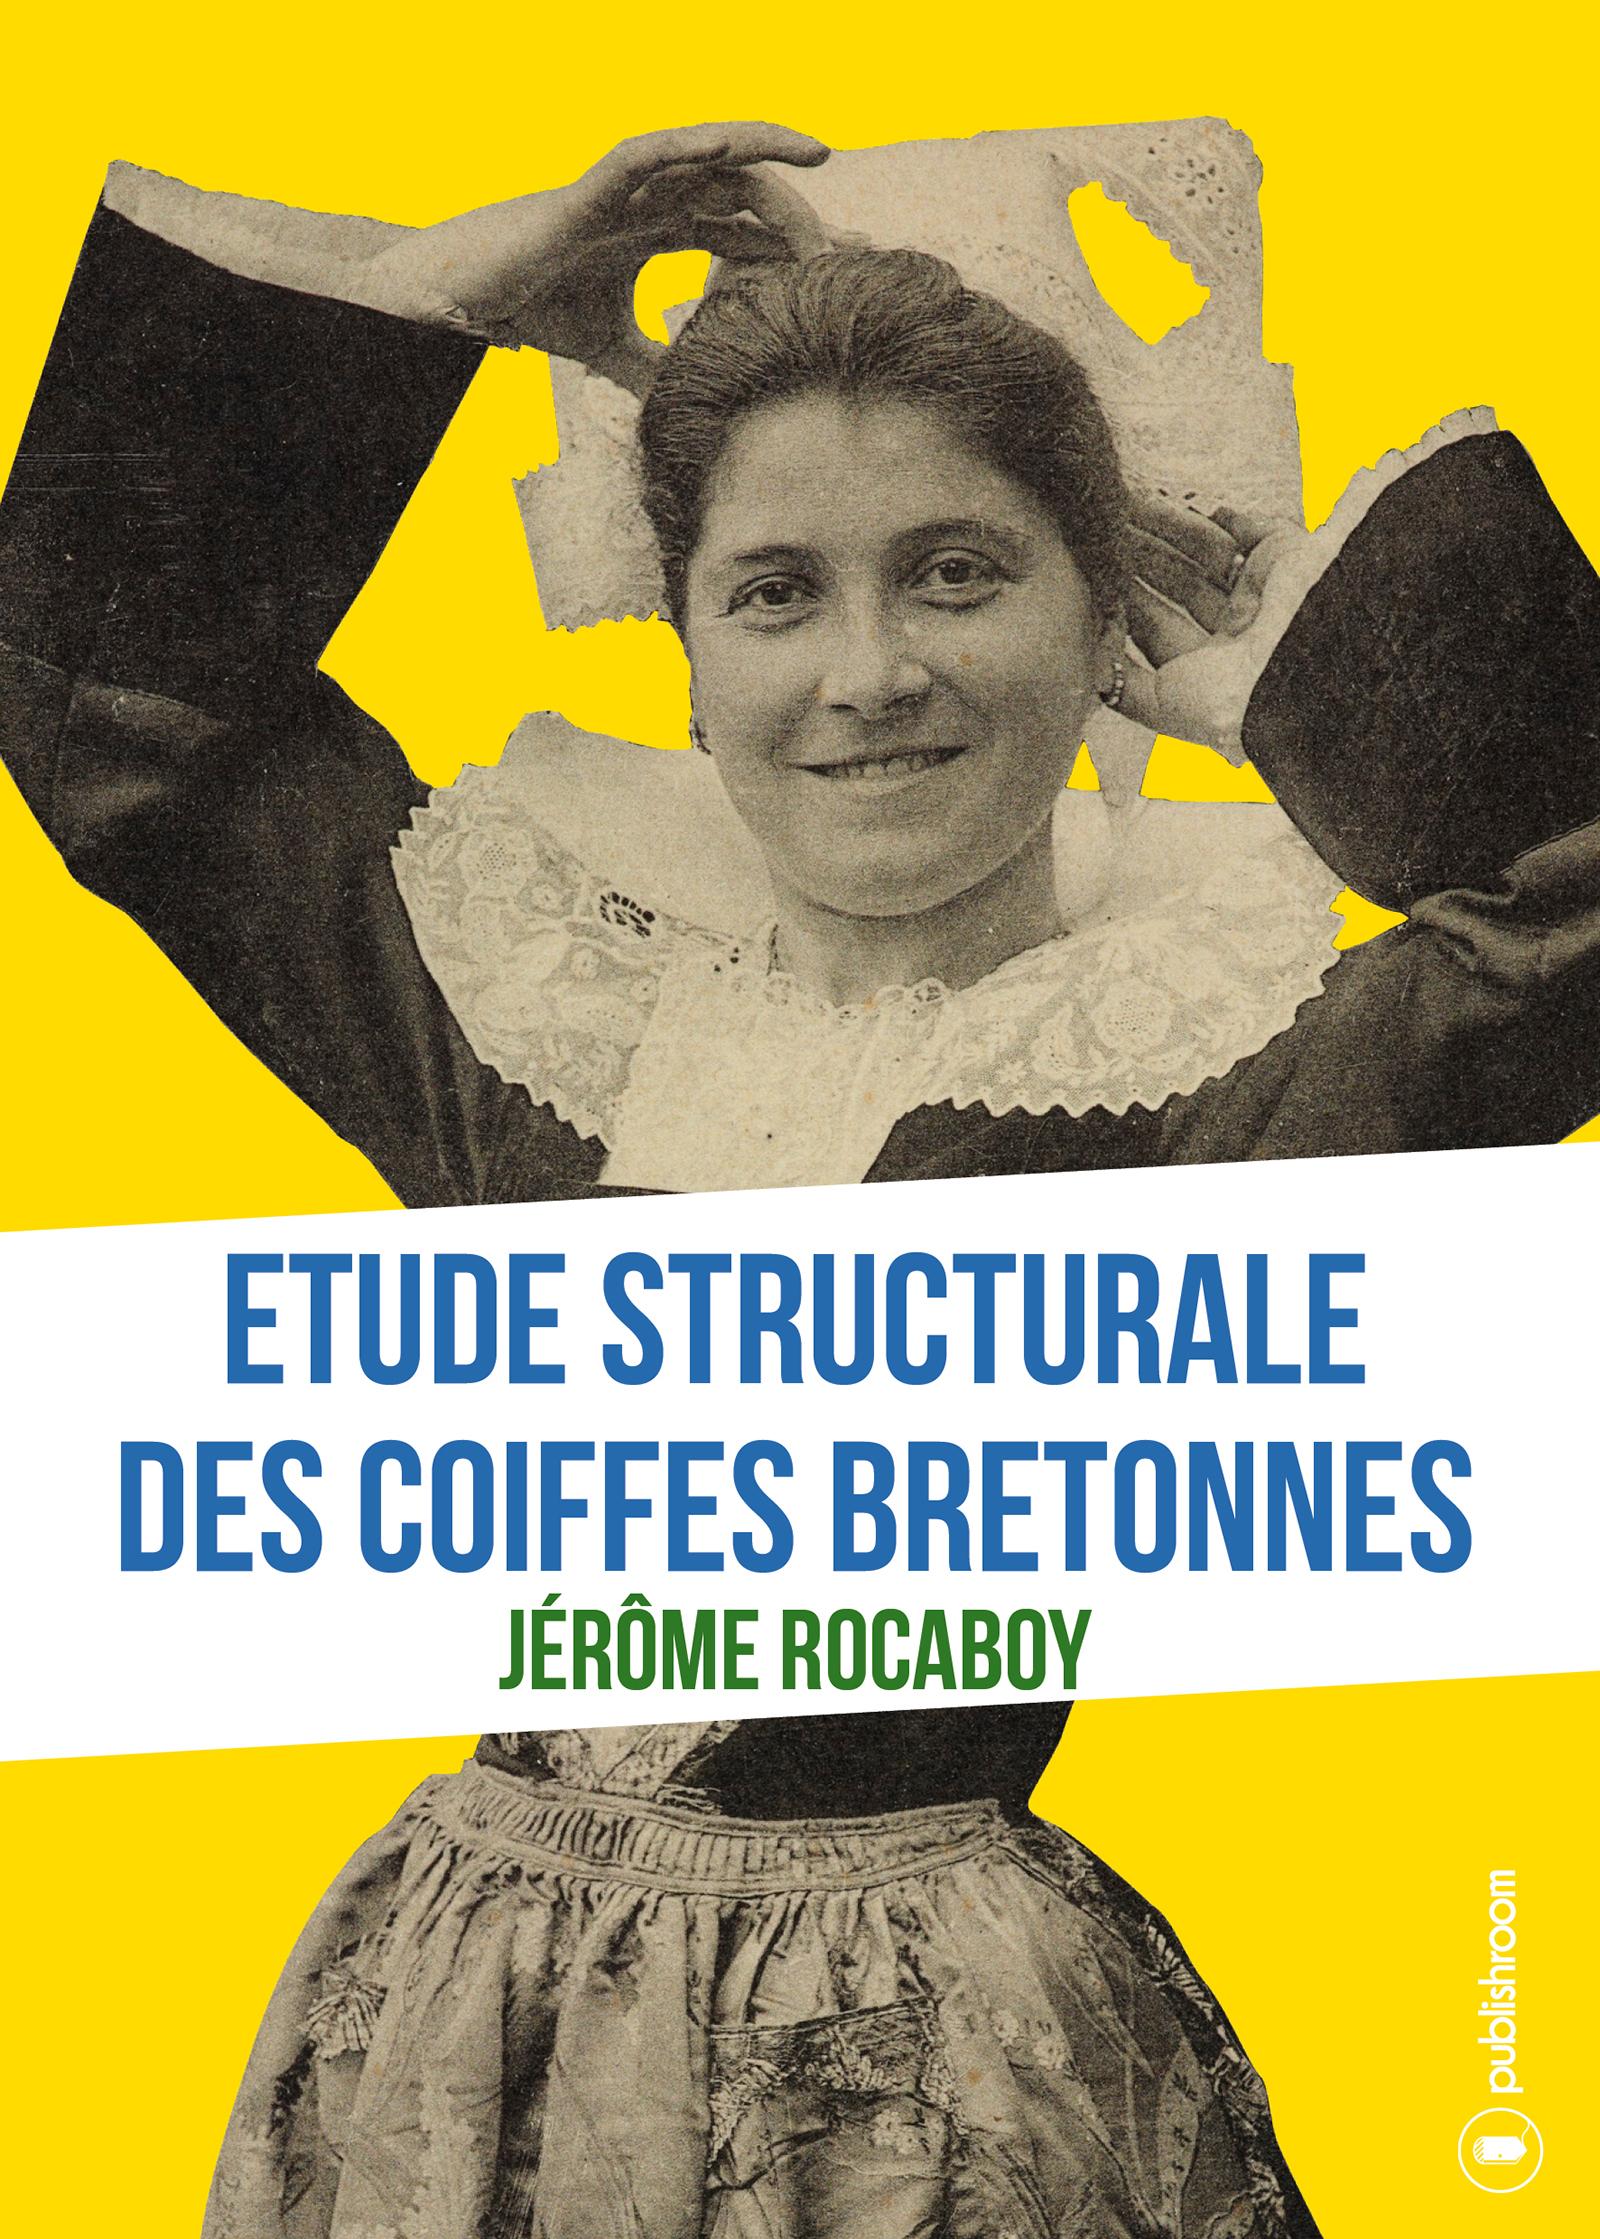 Etude structurale des coiffes bretonnes, Analyse ethnologique